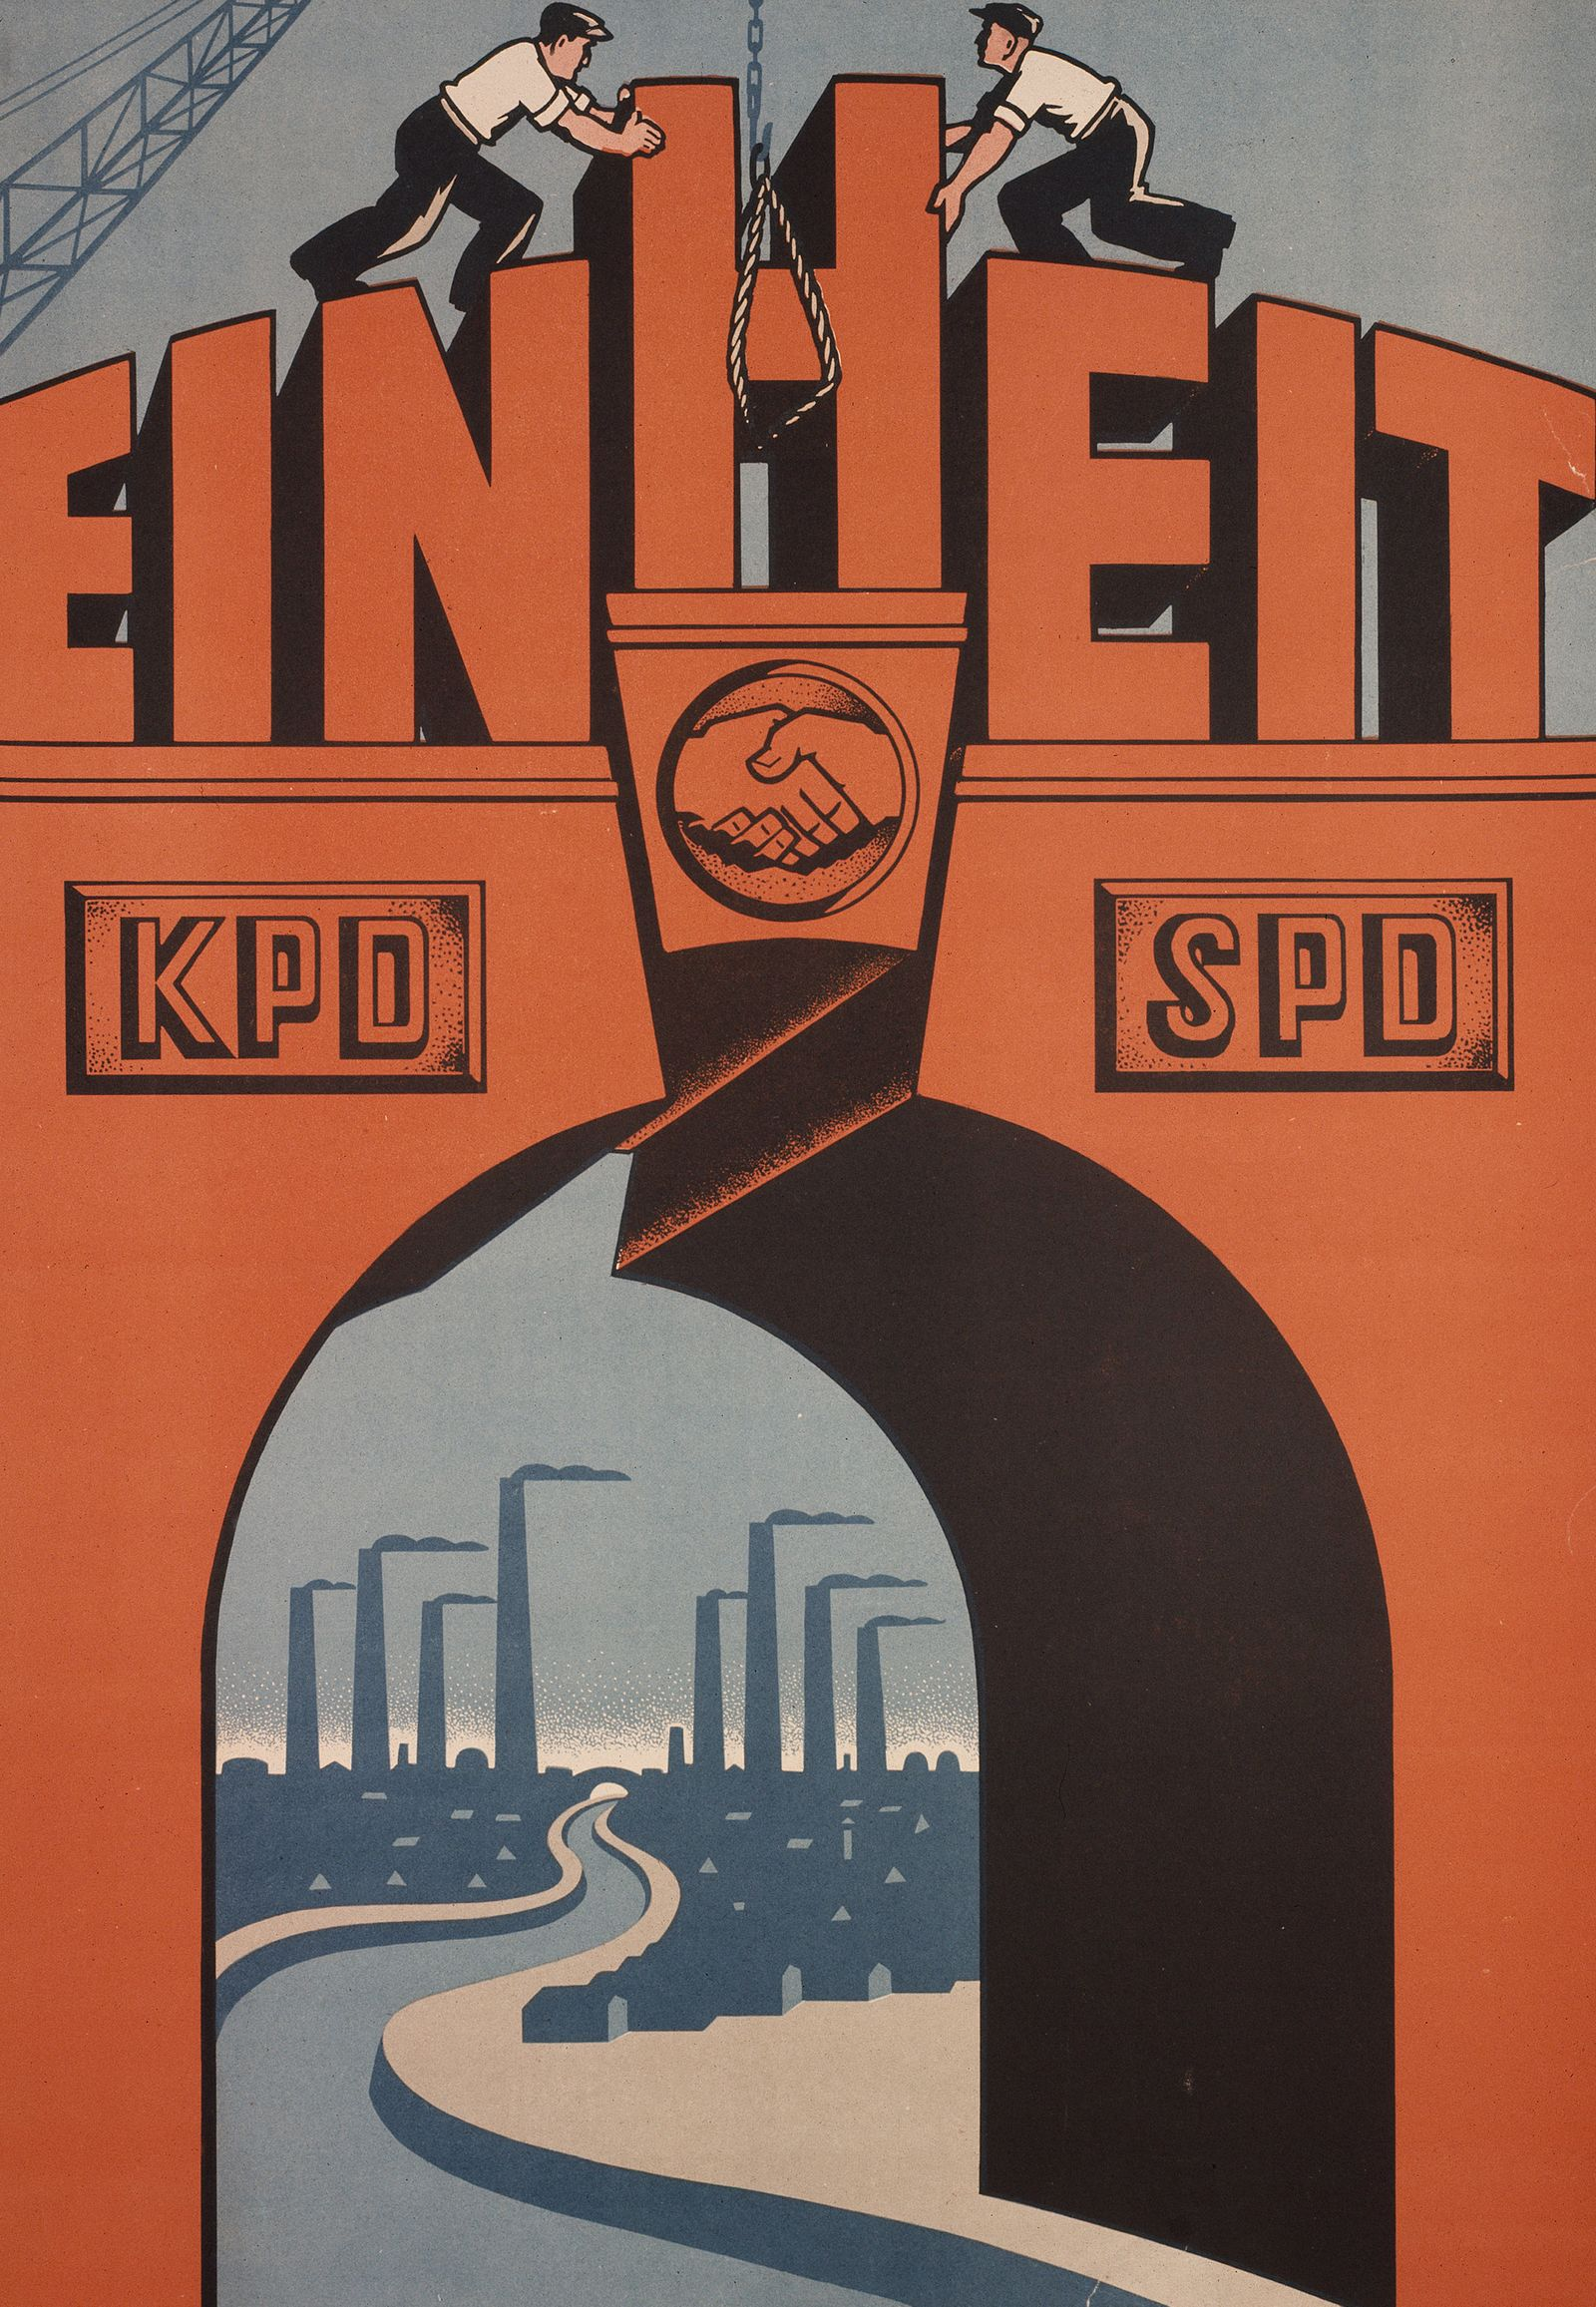 """""""Einheit"""" - Plakat f¸r den Zusammenschlufl von KPD und SPD"""